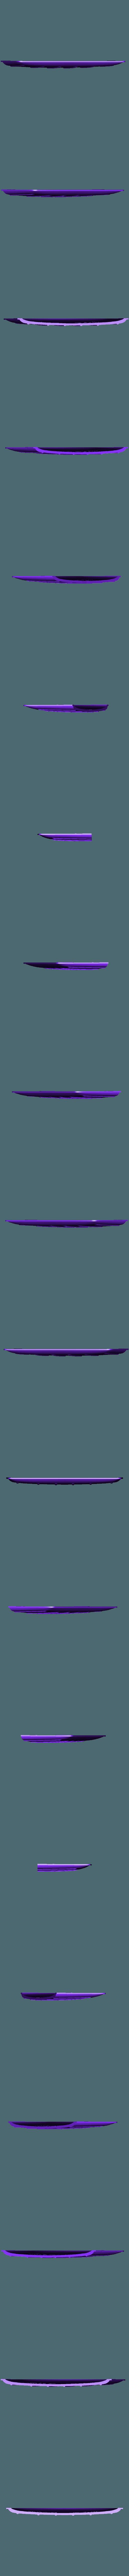 CentrBackTop.stl Descargar archivo STL CHEVY VAN G20 RC BODY SCALER AXIAL MST TRX4 RC4WD • Modelo para imprimir en 3D, ilyakapitonov